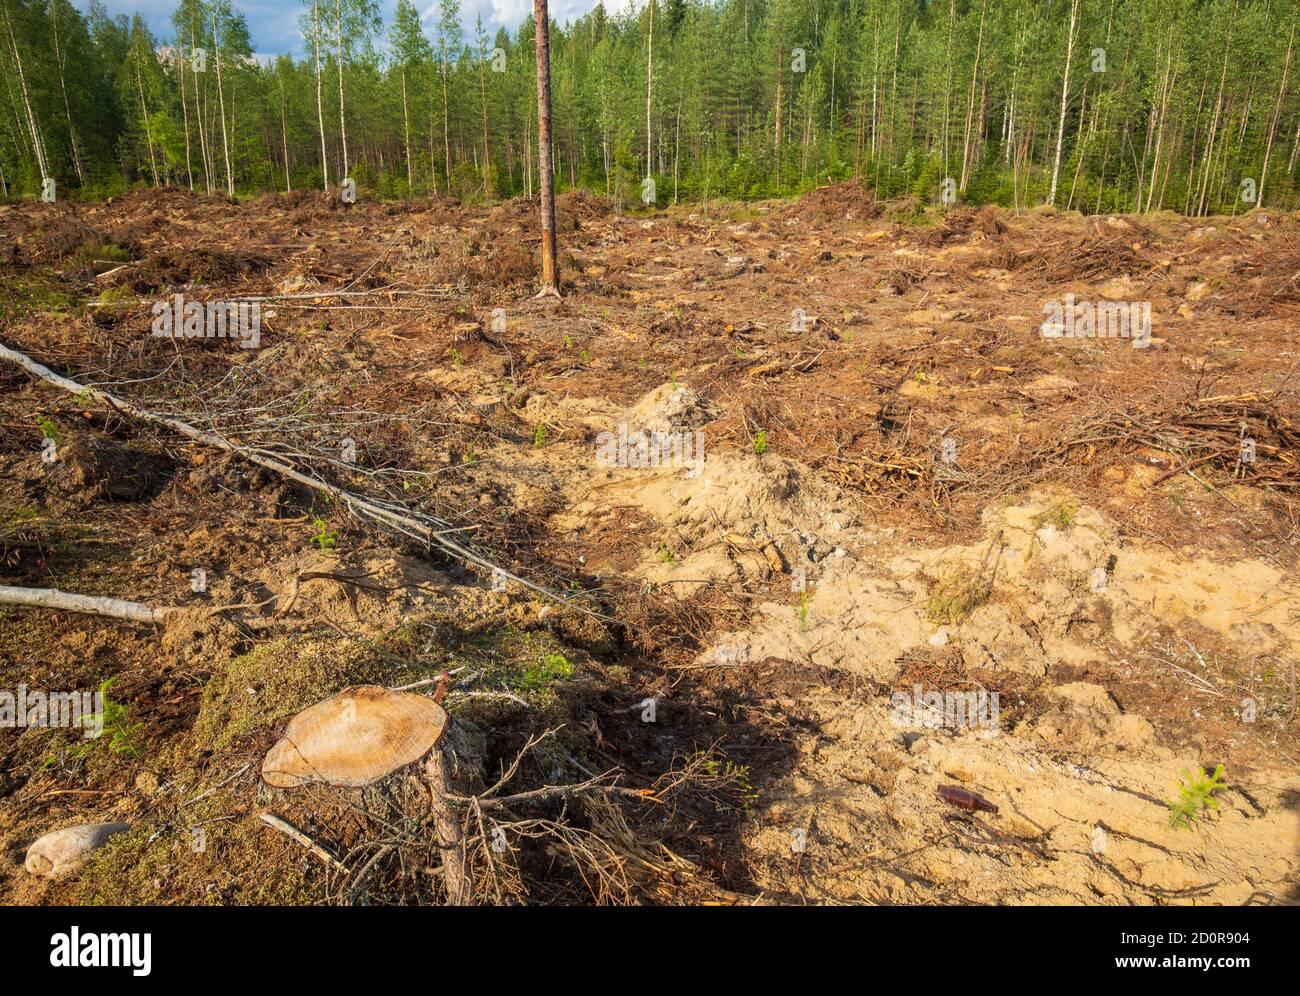 Vue d'une zone européenne de coupe claire fraîche , où le sol a été préparé et de nouveaux arbres semés , Finlande Banque D'Images